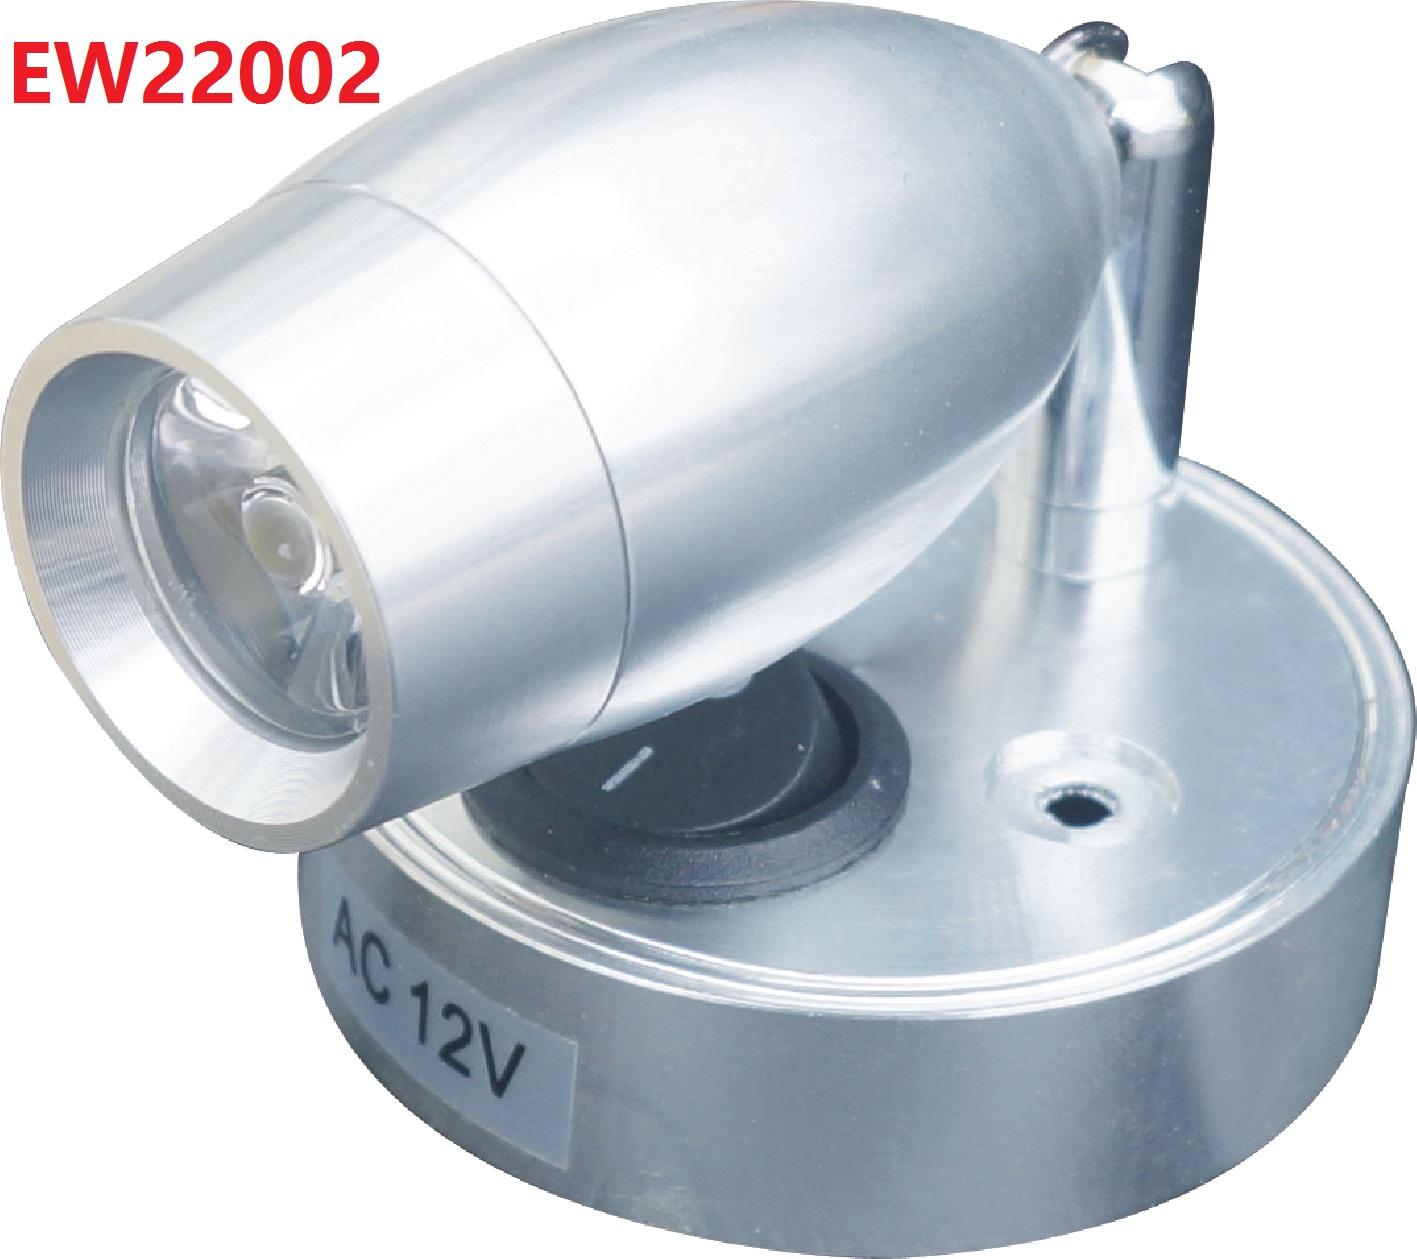 EW22002 Model AC12V Aluminum Led Reading Light